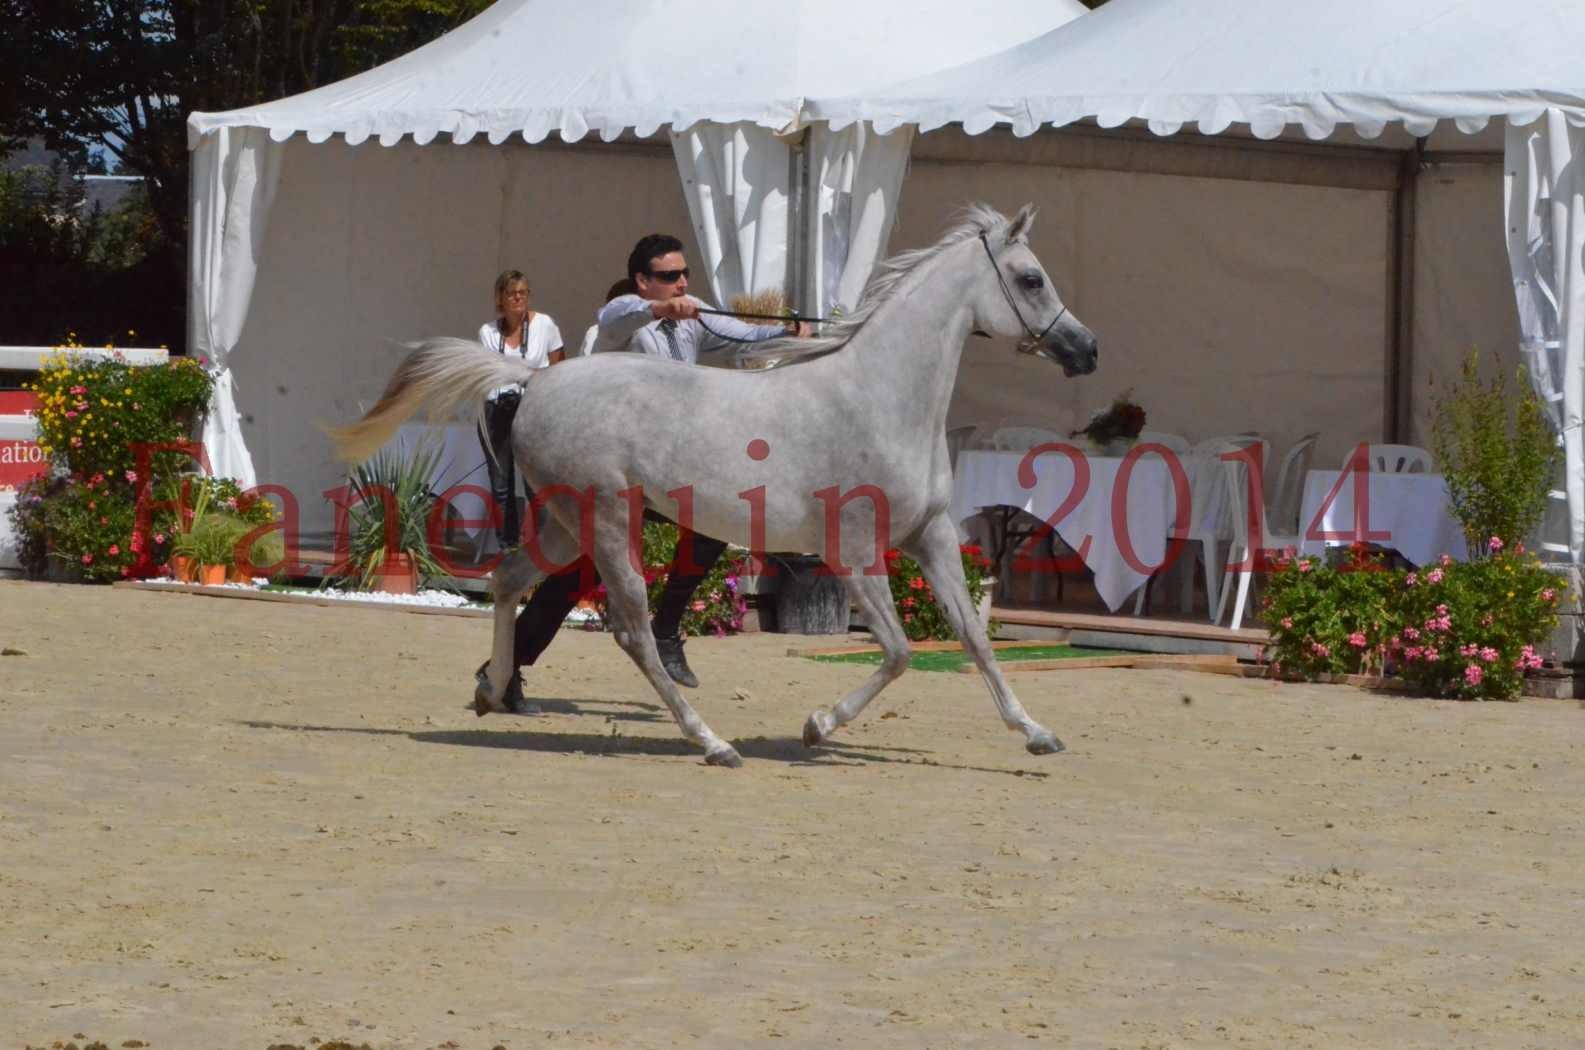 Championnat de FRANCE 2014 - Amateurs - VOLODIA DE LAFON - 043